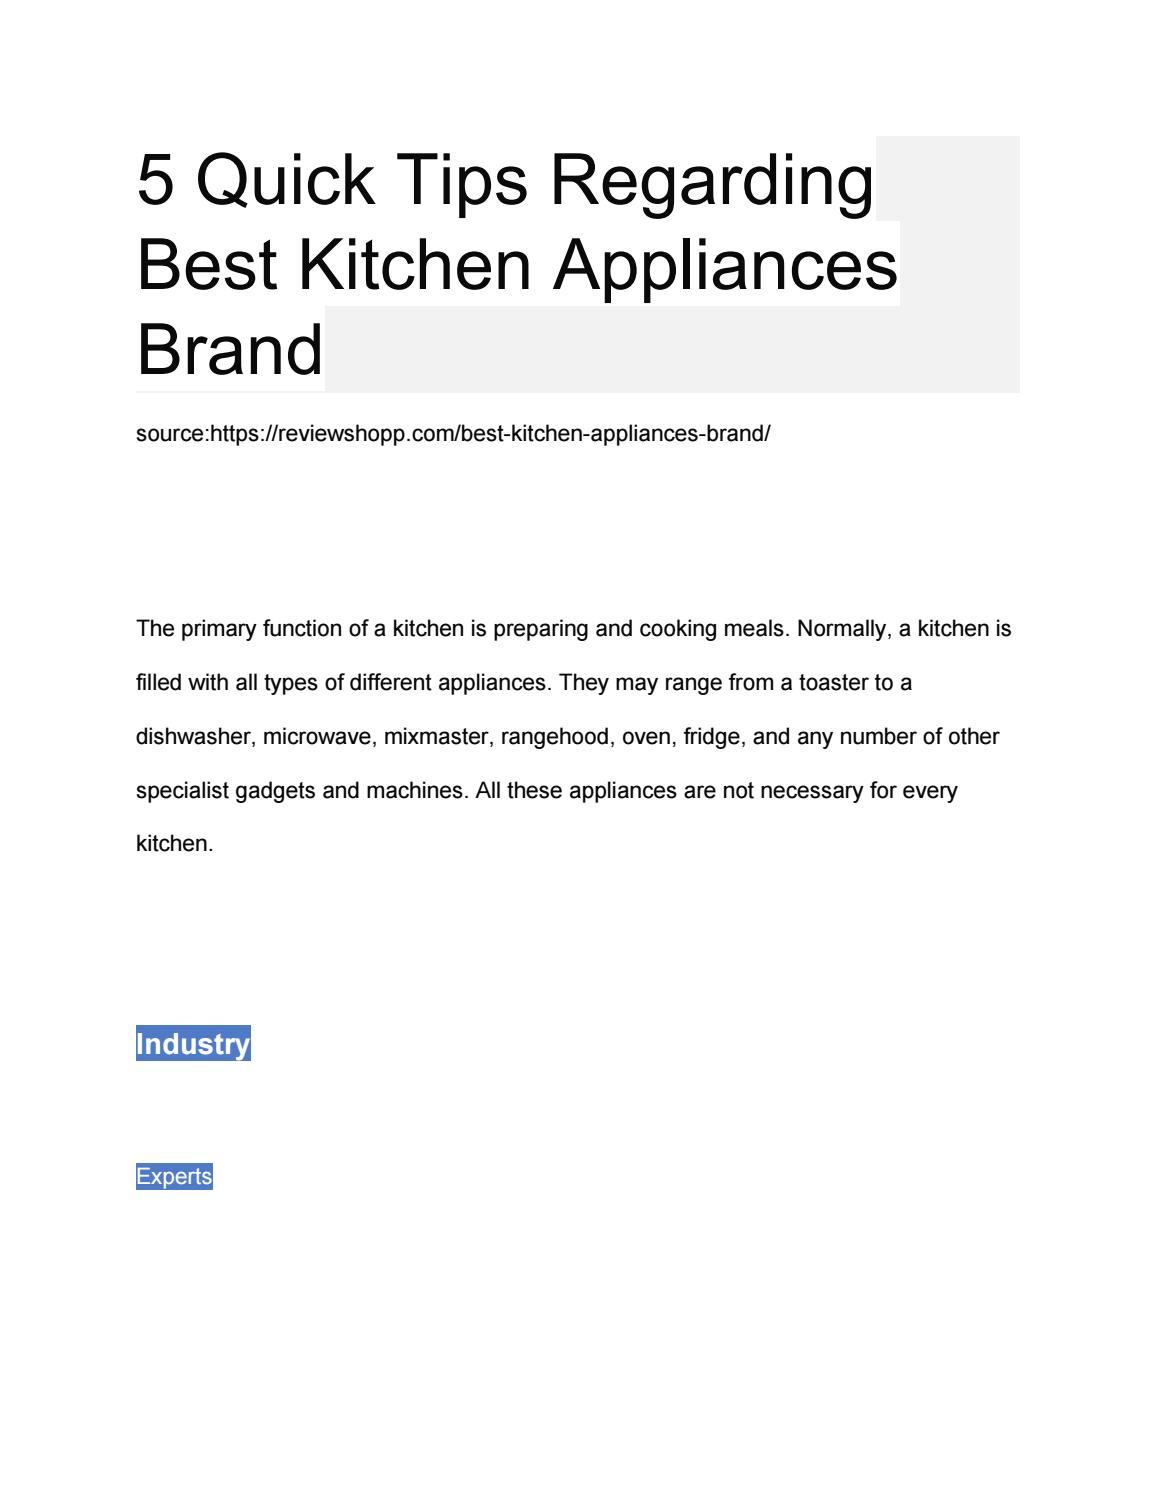 5 quick tips regarding best kitchen appliances brand by ...